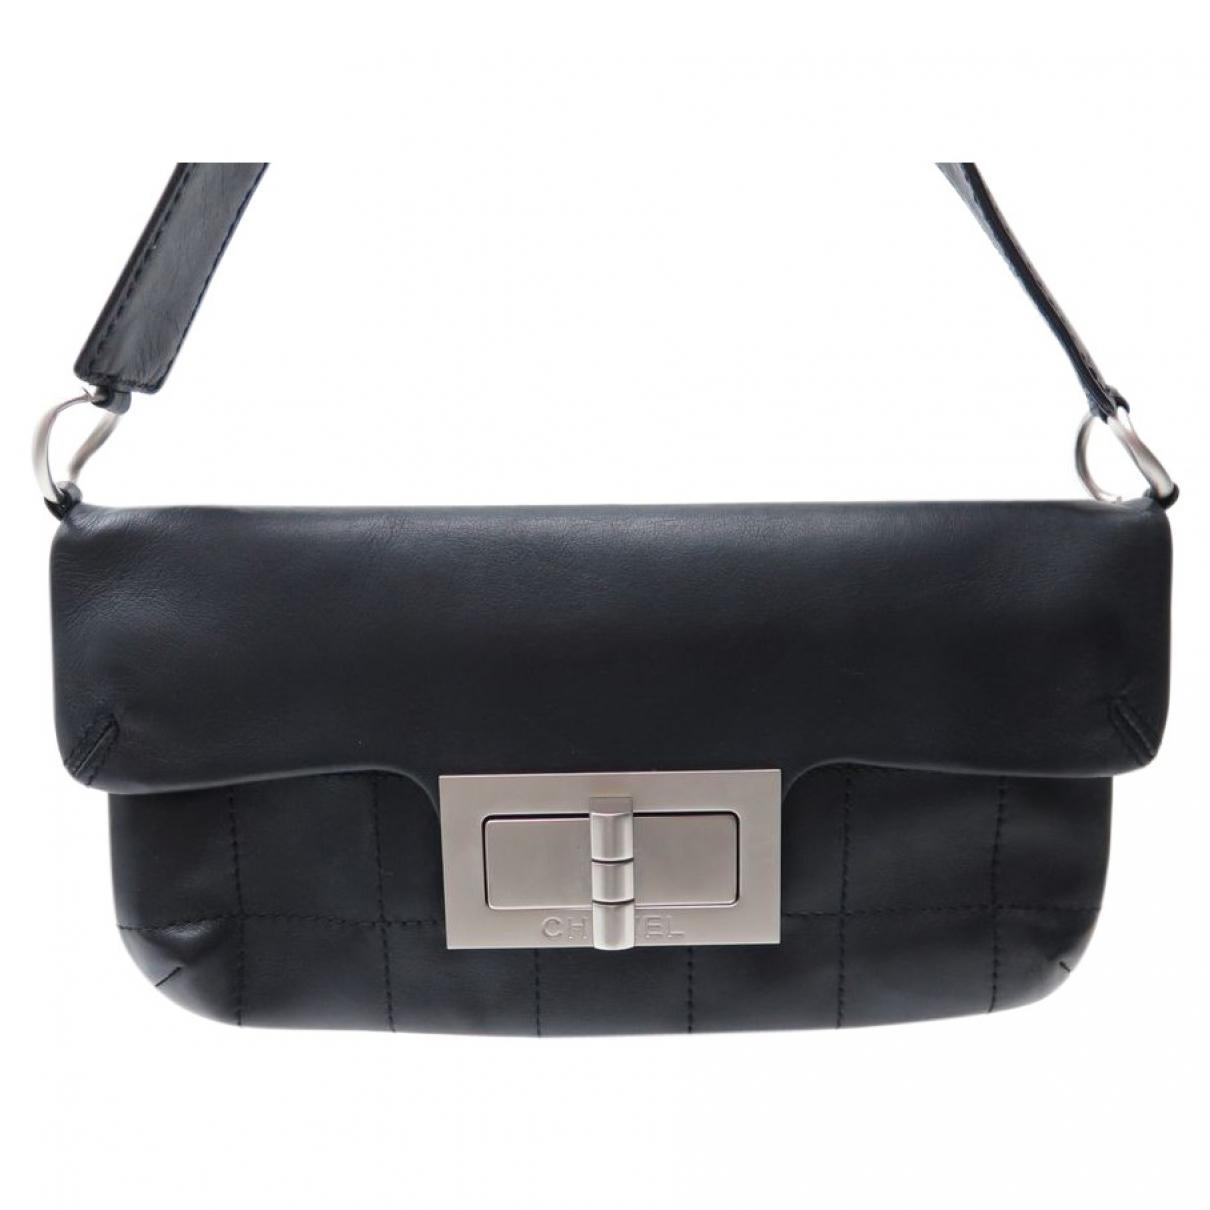 a07e61fcf63 Lyst - Sac bandoulière Mademoiselle en cuir Chanel en coloris Noir